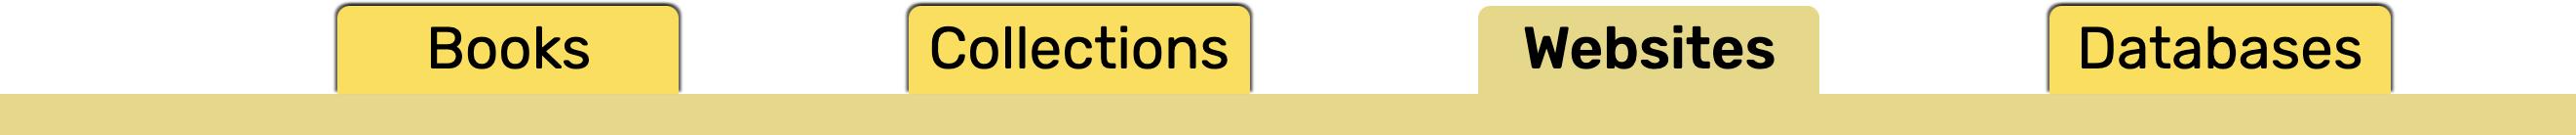 simplified view websites tab